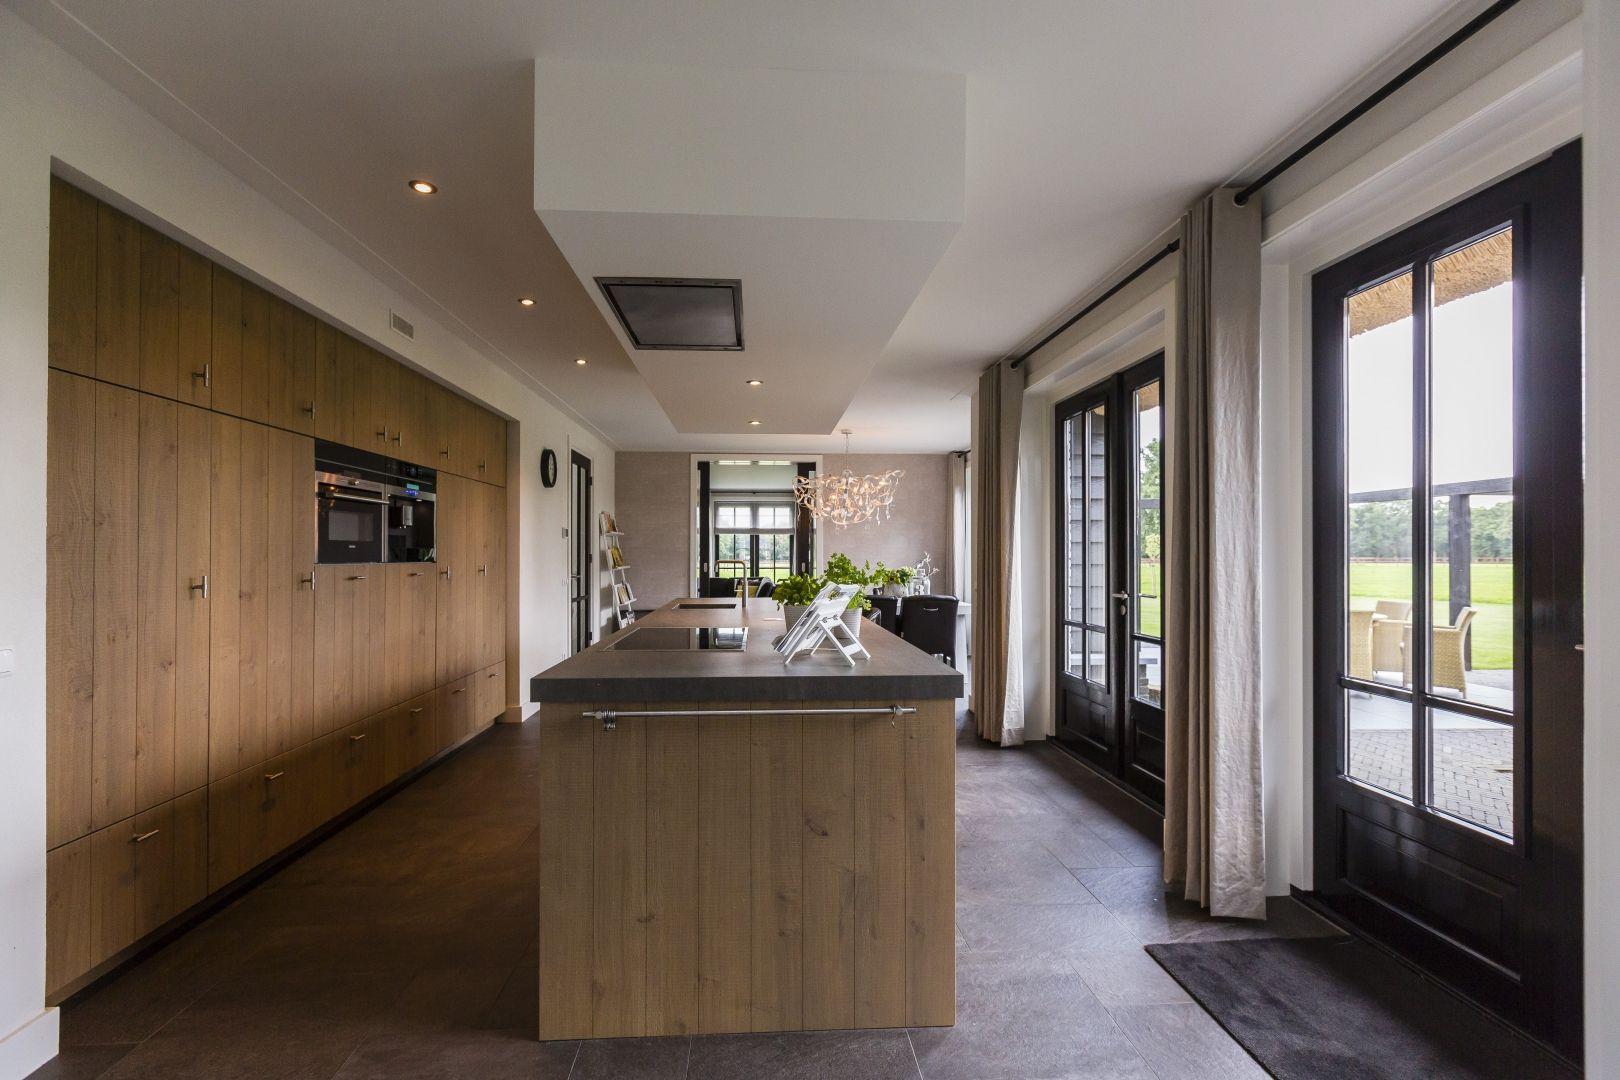 Landhuis met houten keuken kitchen in